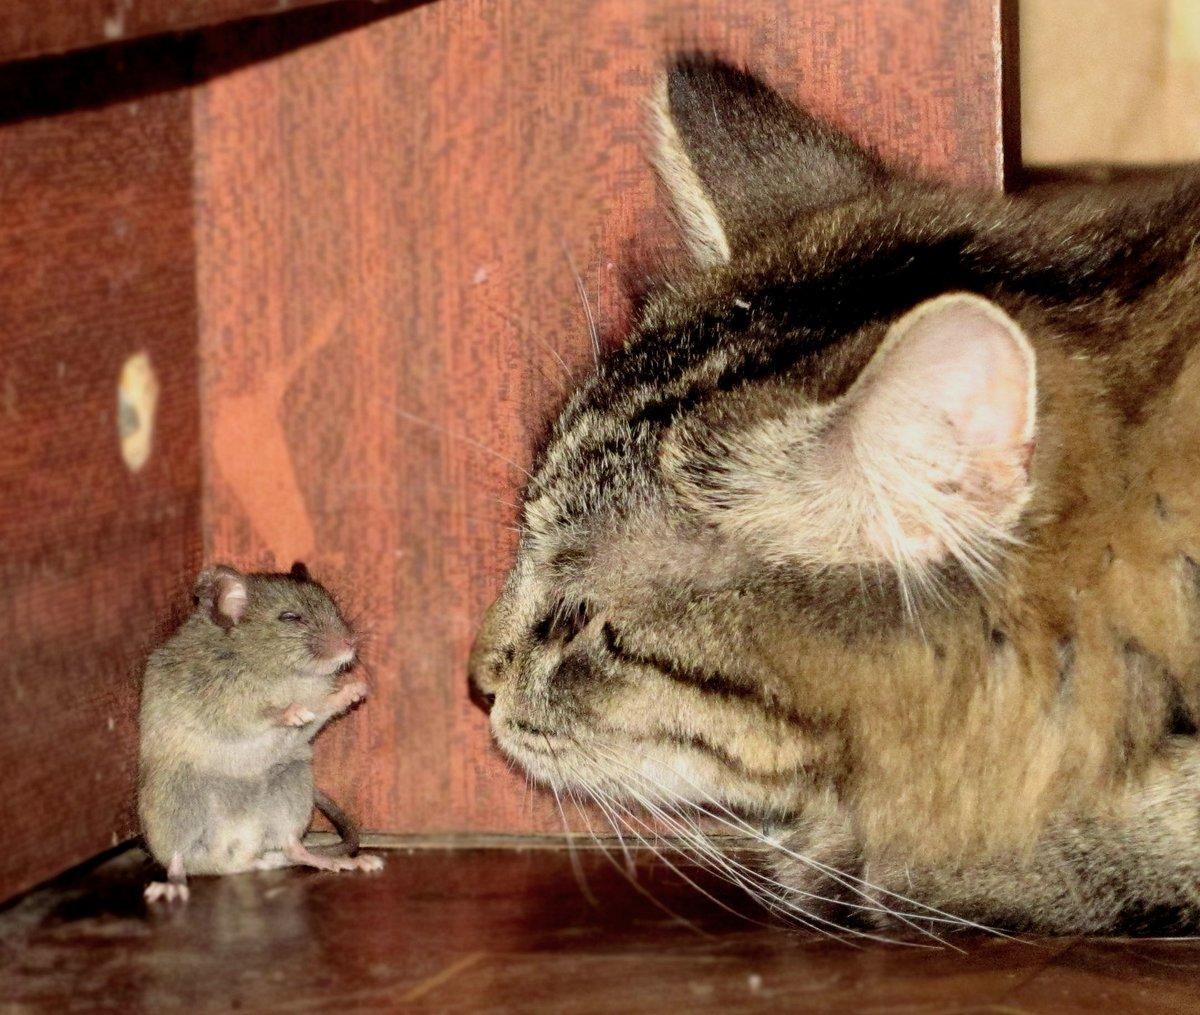 Днем, картинки кошек и мышей смешные